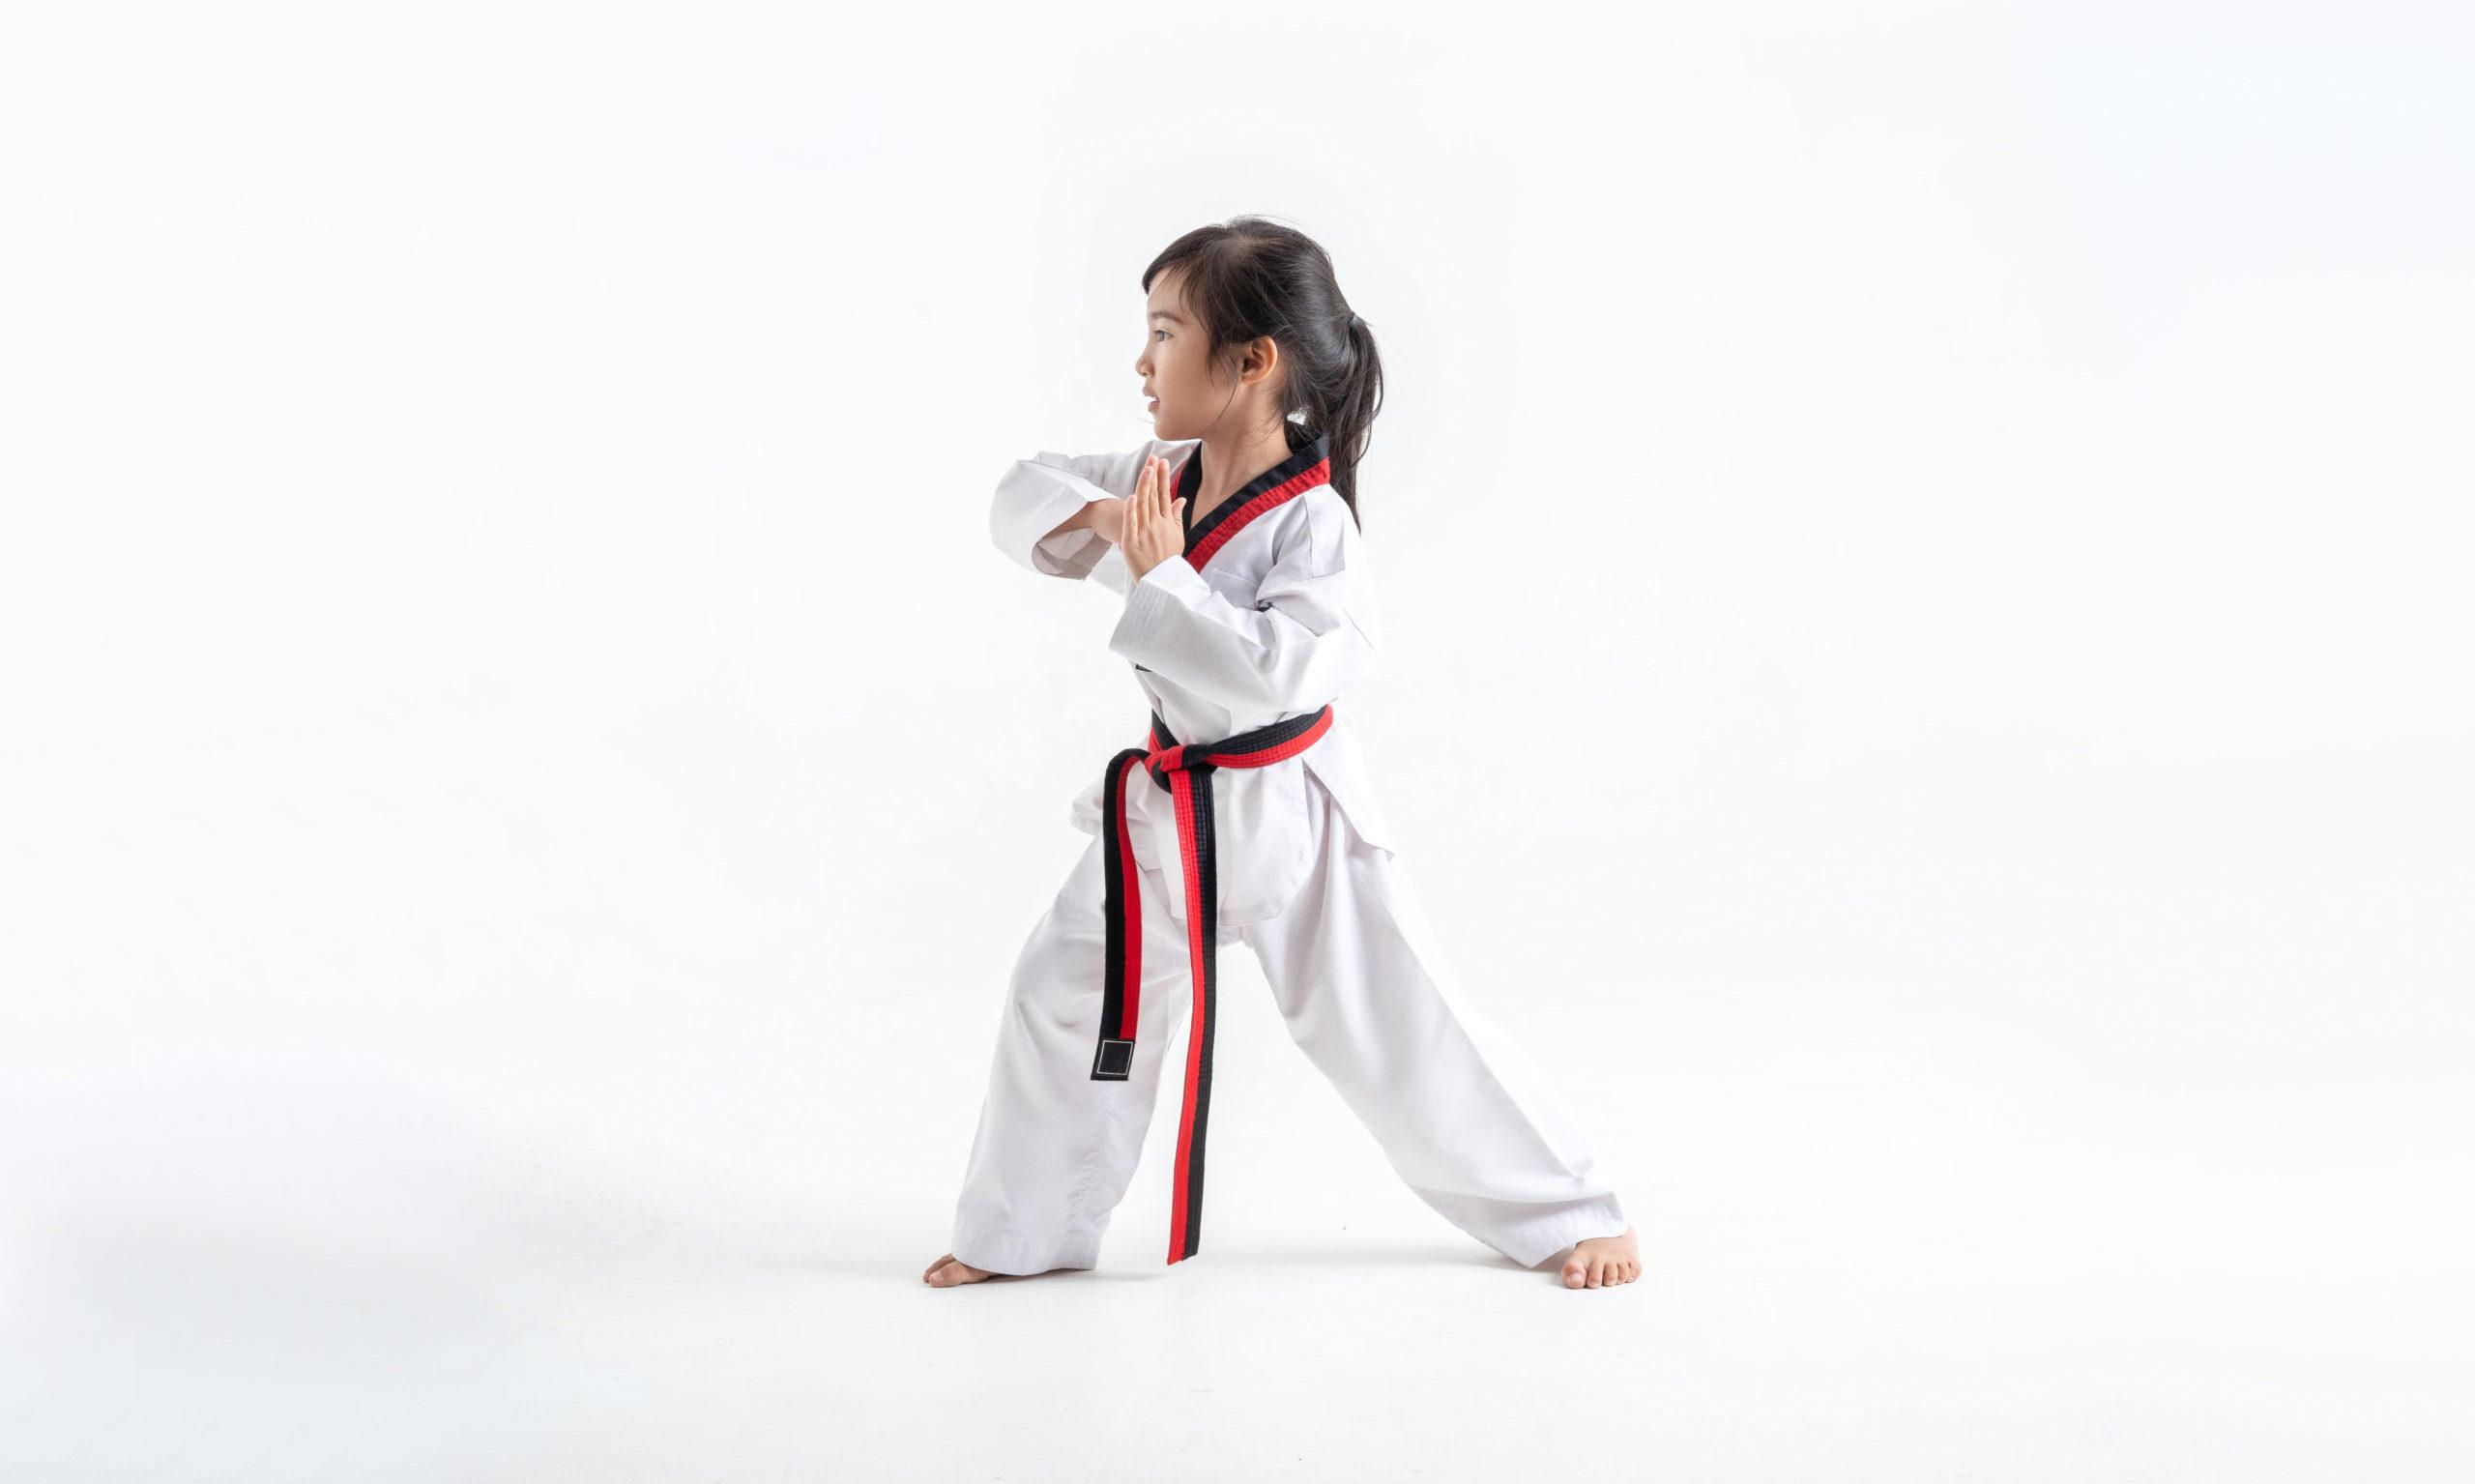 O que as crianças aprendem com artes marciais?